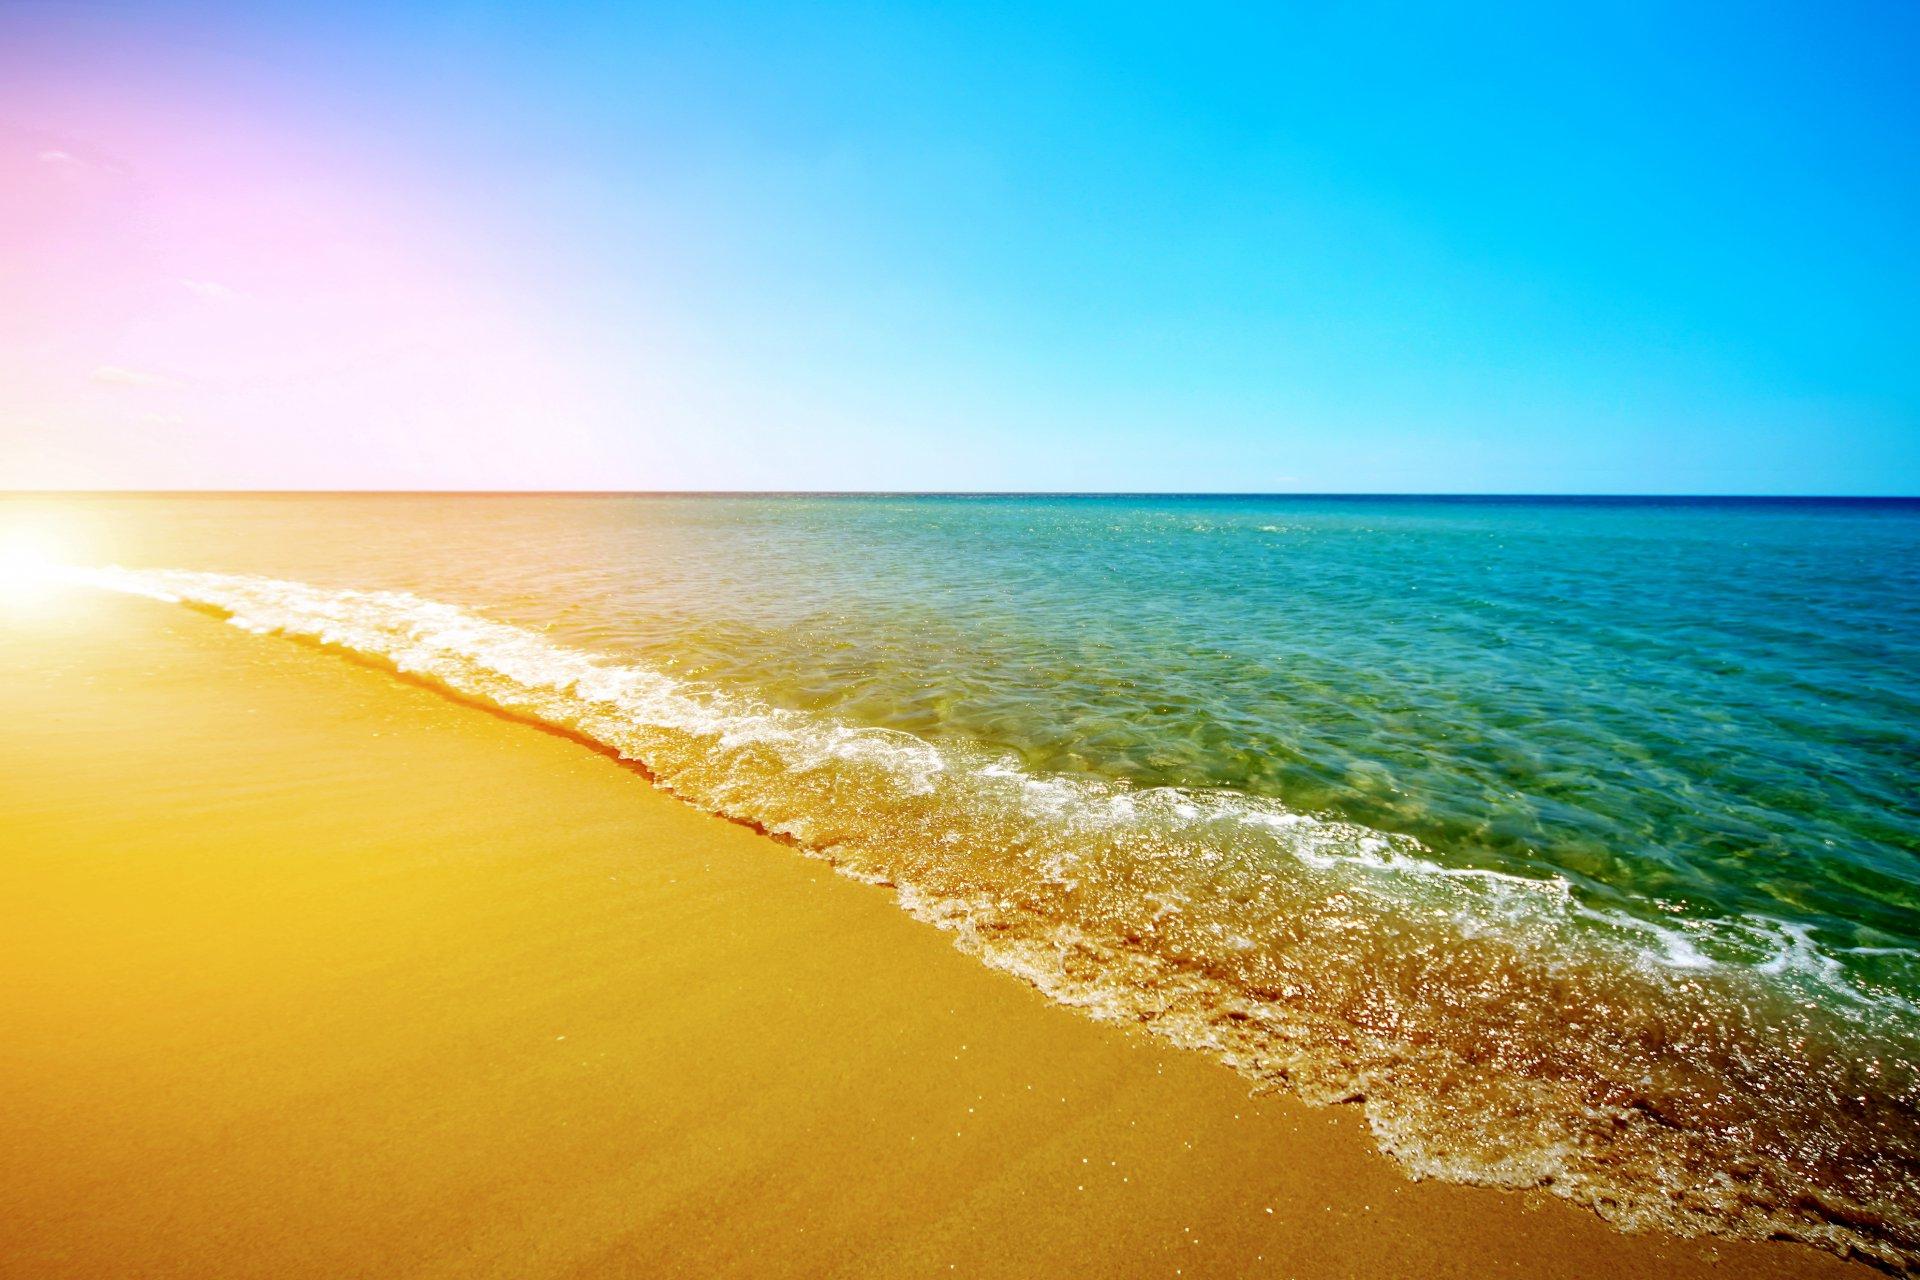 Картинки лето море солнце пляж крым